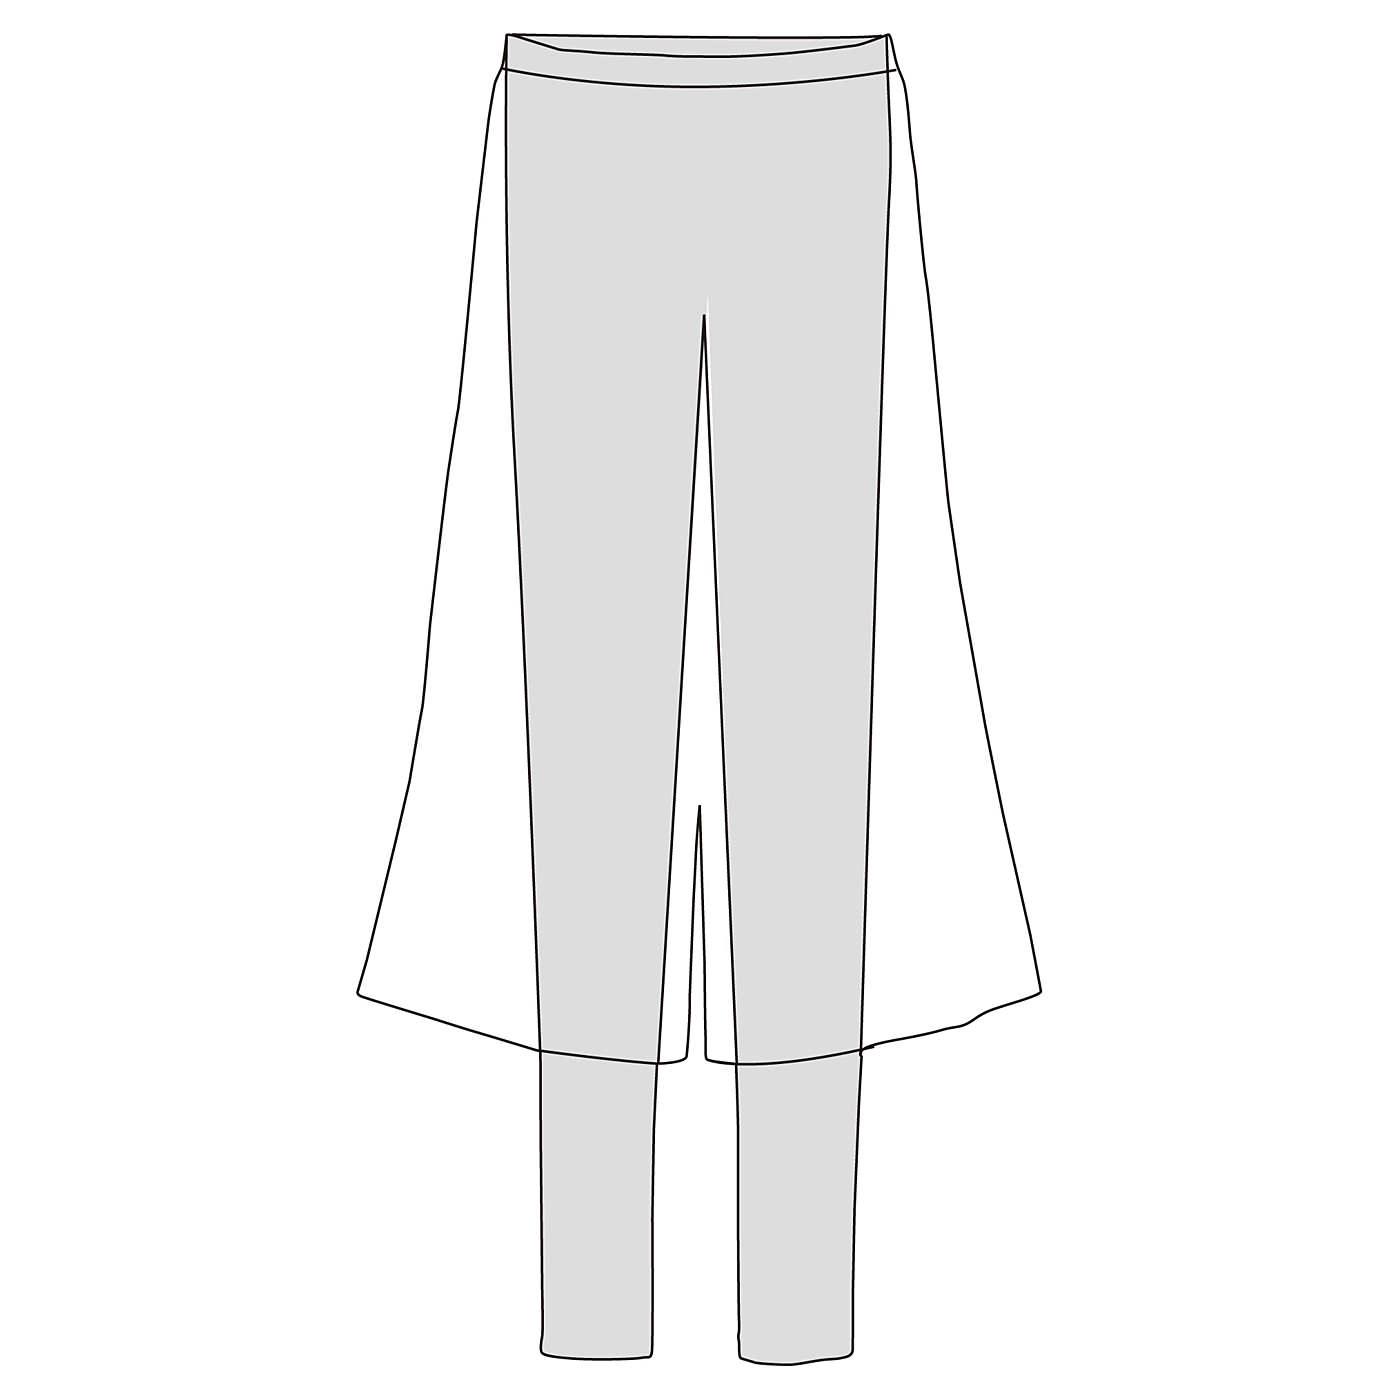 【ドッキングでらくちん】ロングガウチョパンツにあったか黒レギンスを縫い付けた一体形。